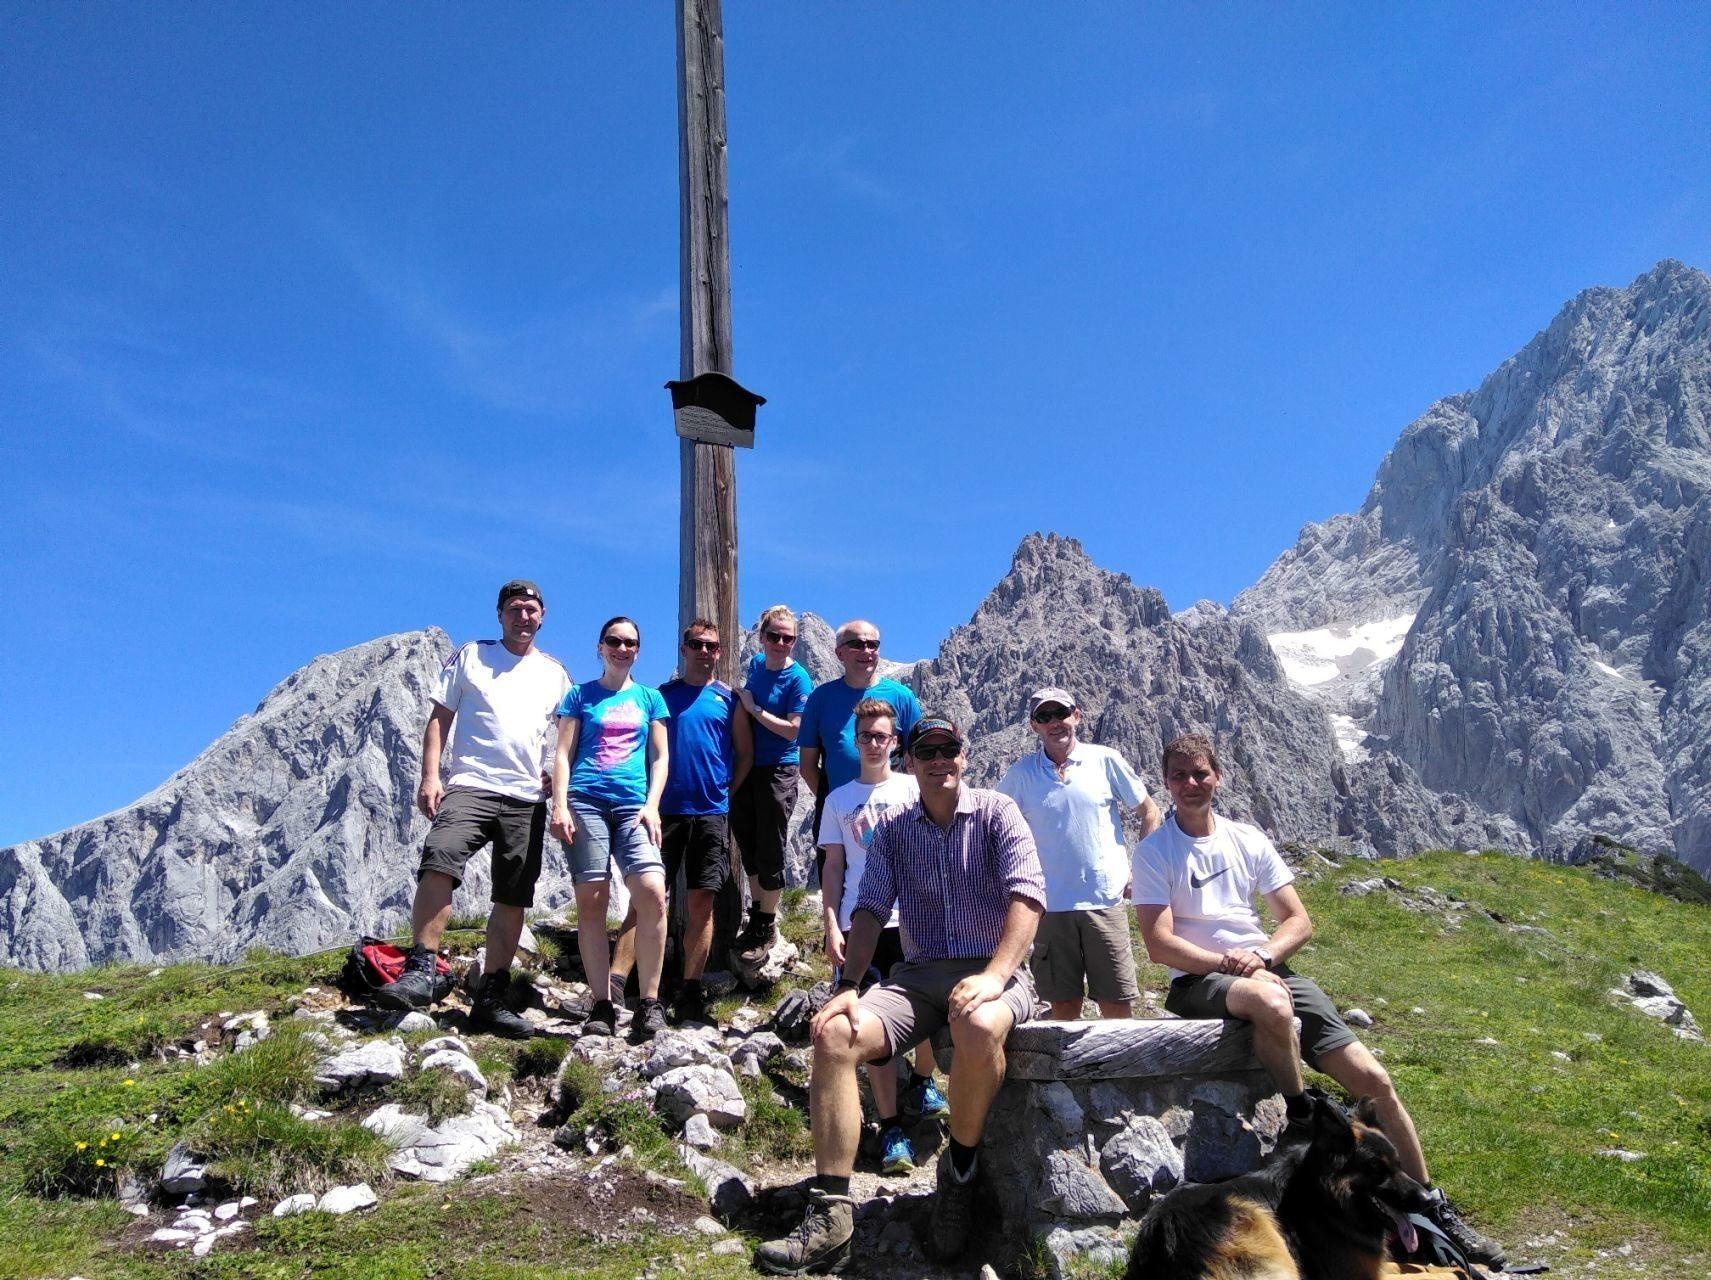 Wanderung Filzmoos - Sommerurlaub in Zauchensee